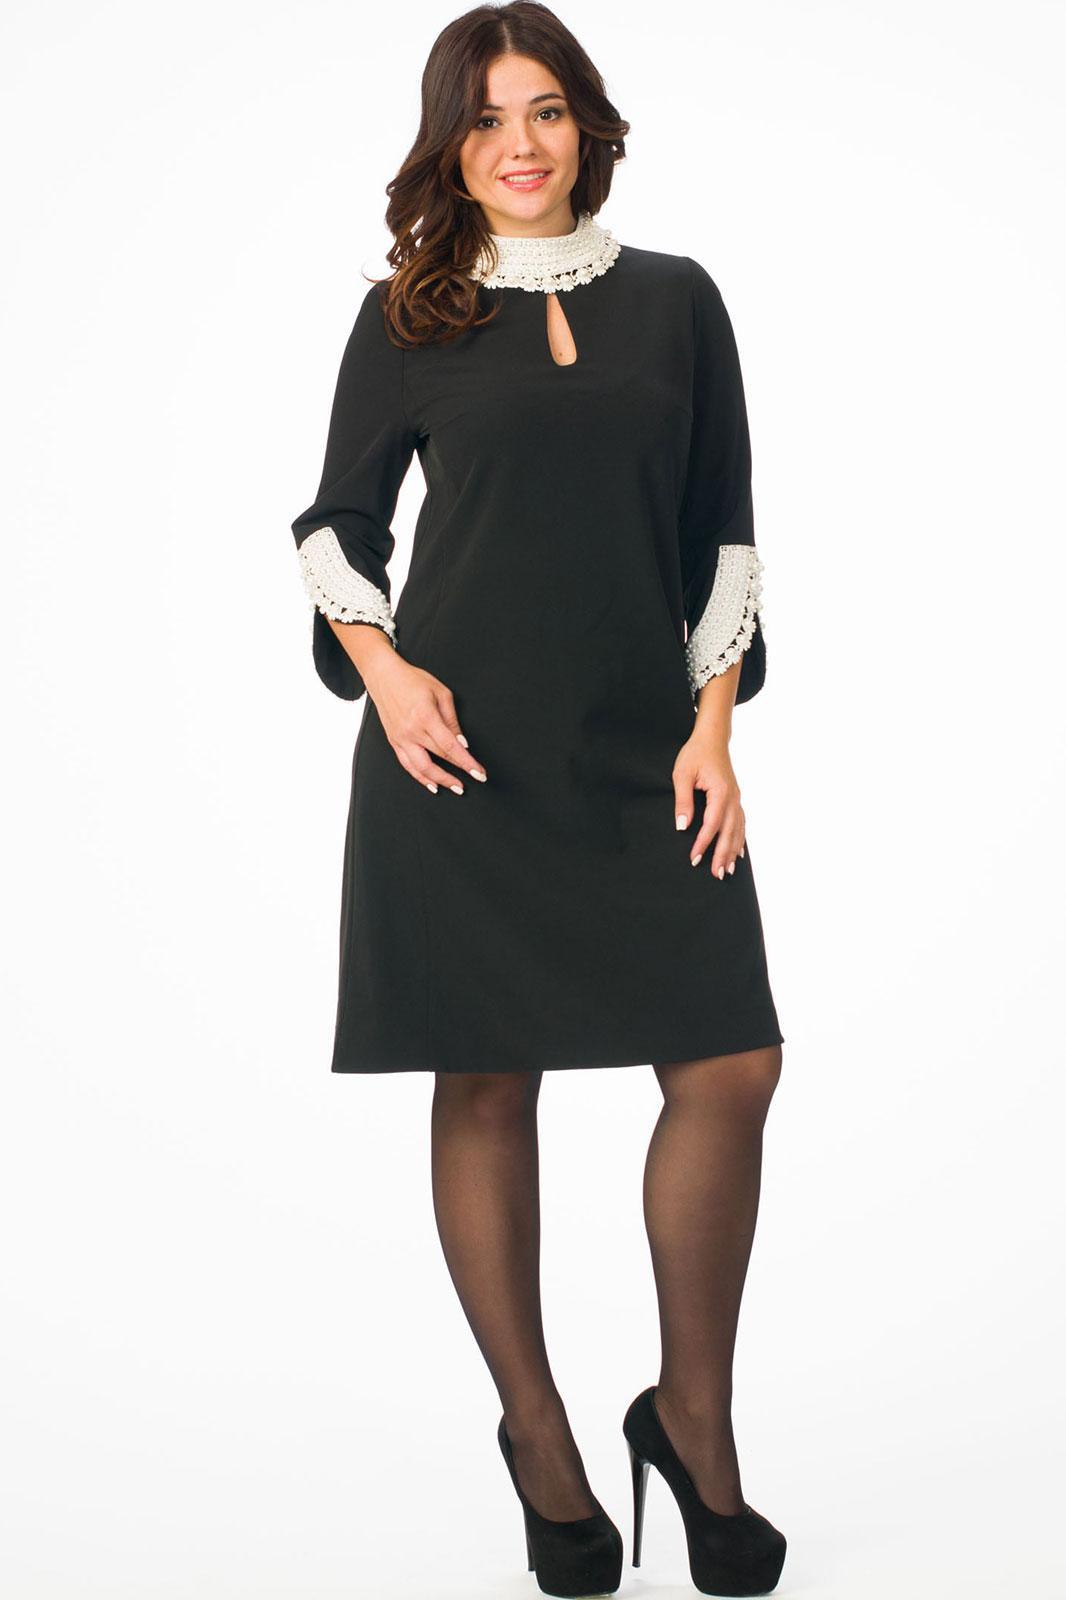 Купить Платье Melissena, 775 чёрный, Беларусь